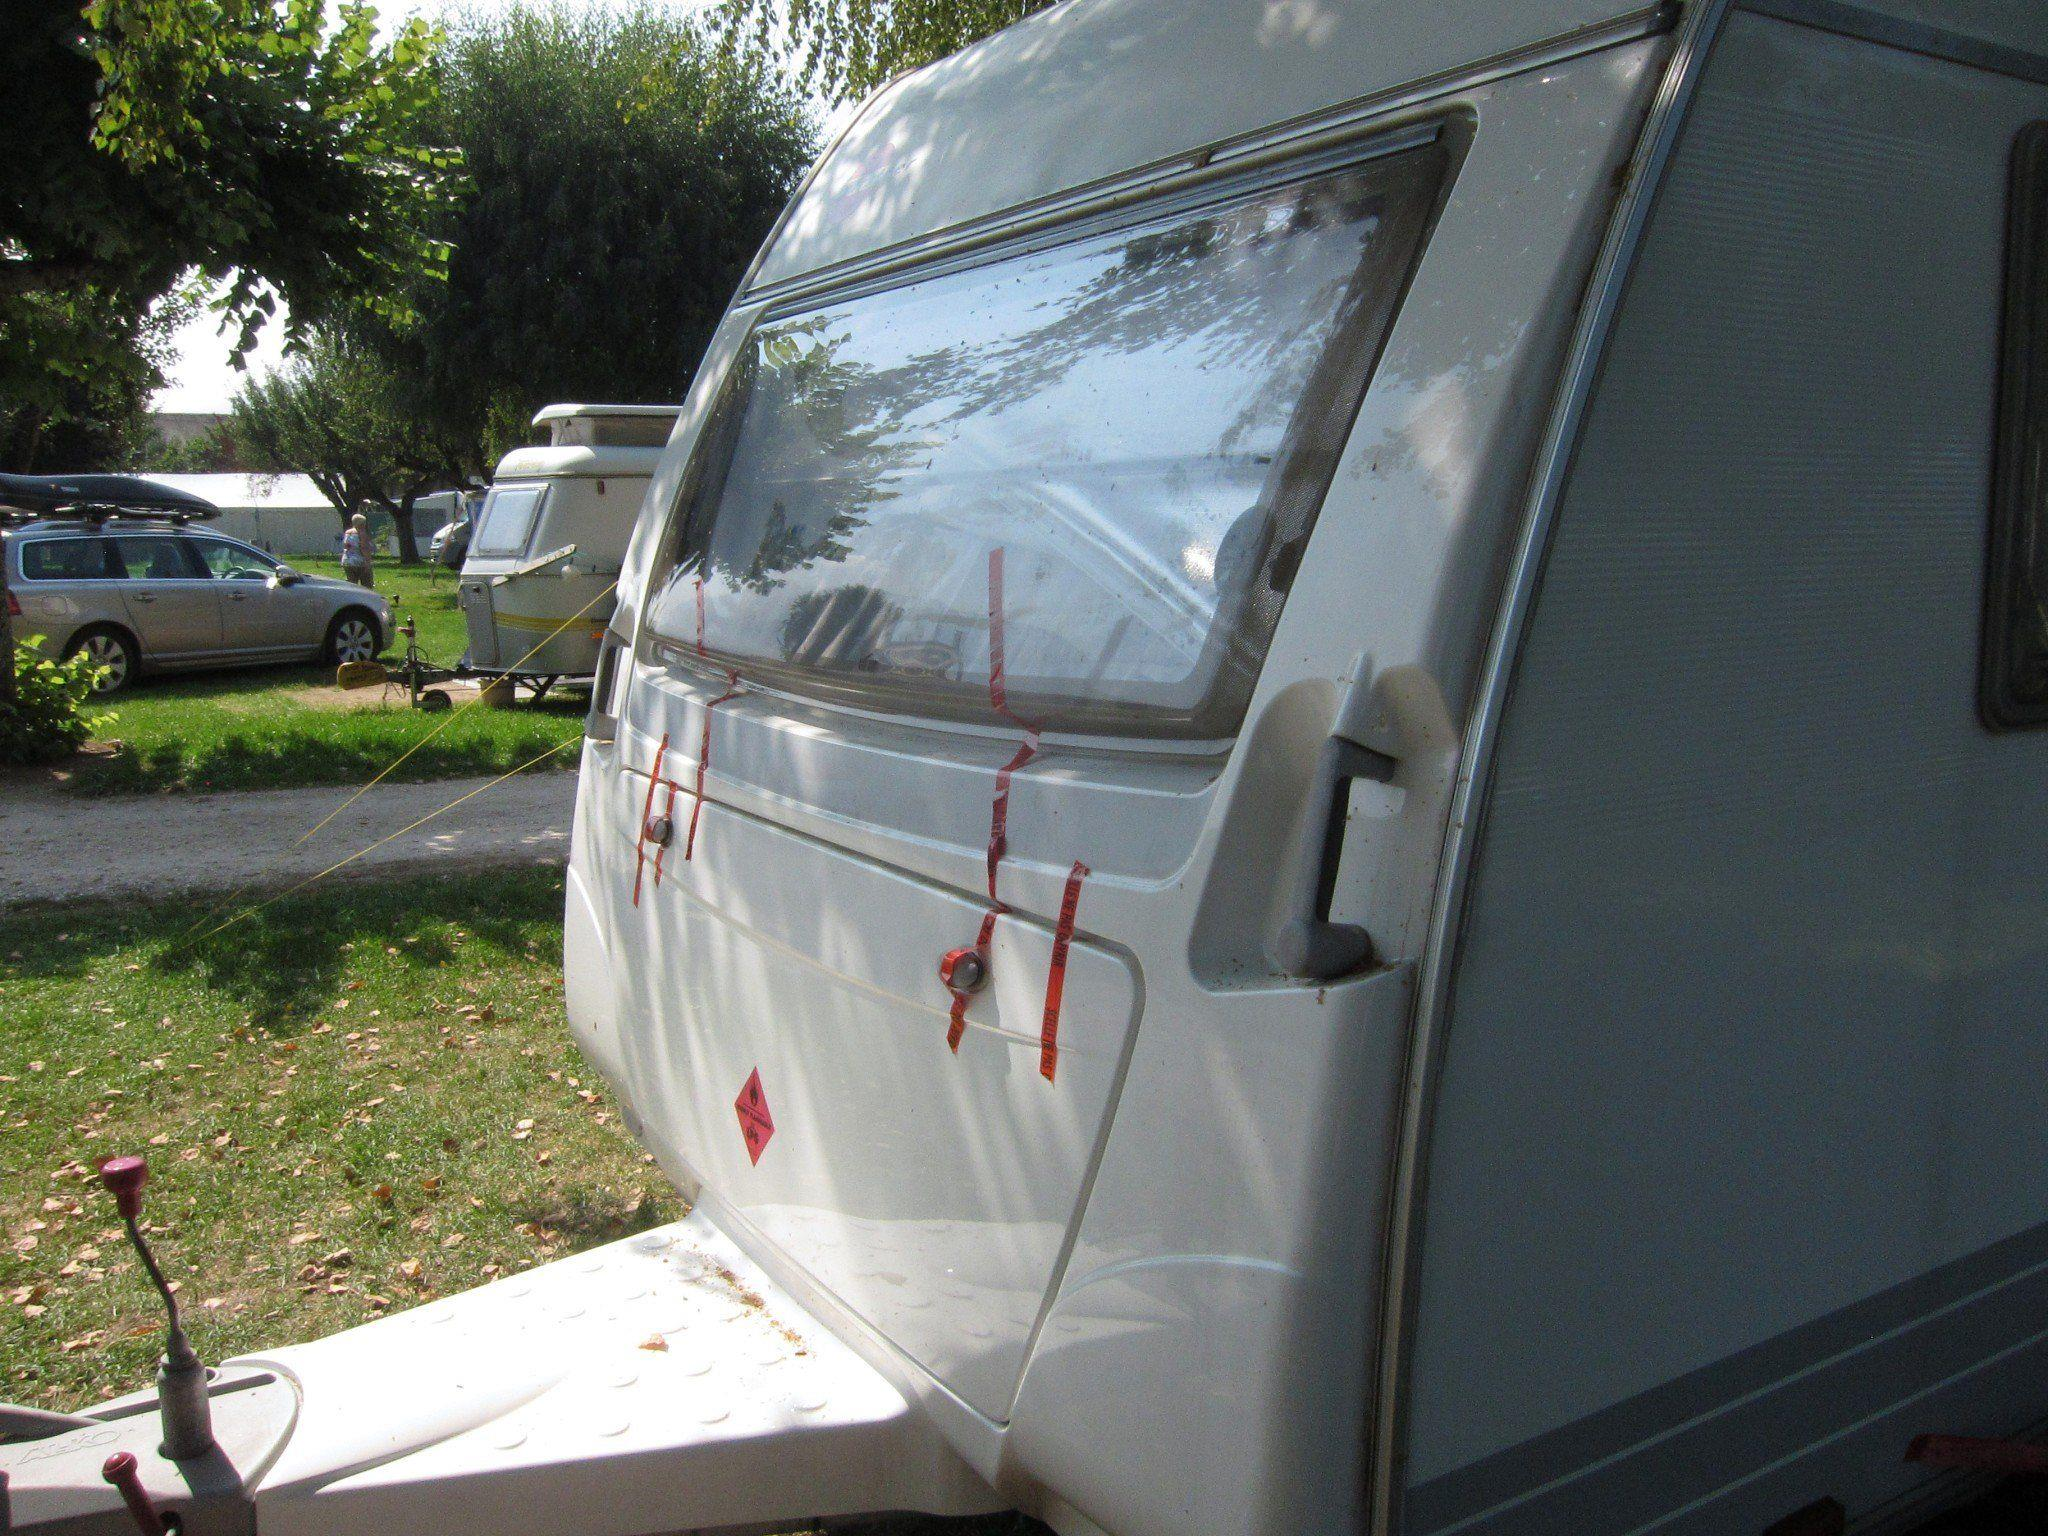 Der Wohnwagen, in dem sich vor zehn Monaten das Drama von Annecy abspielte.